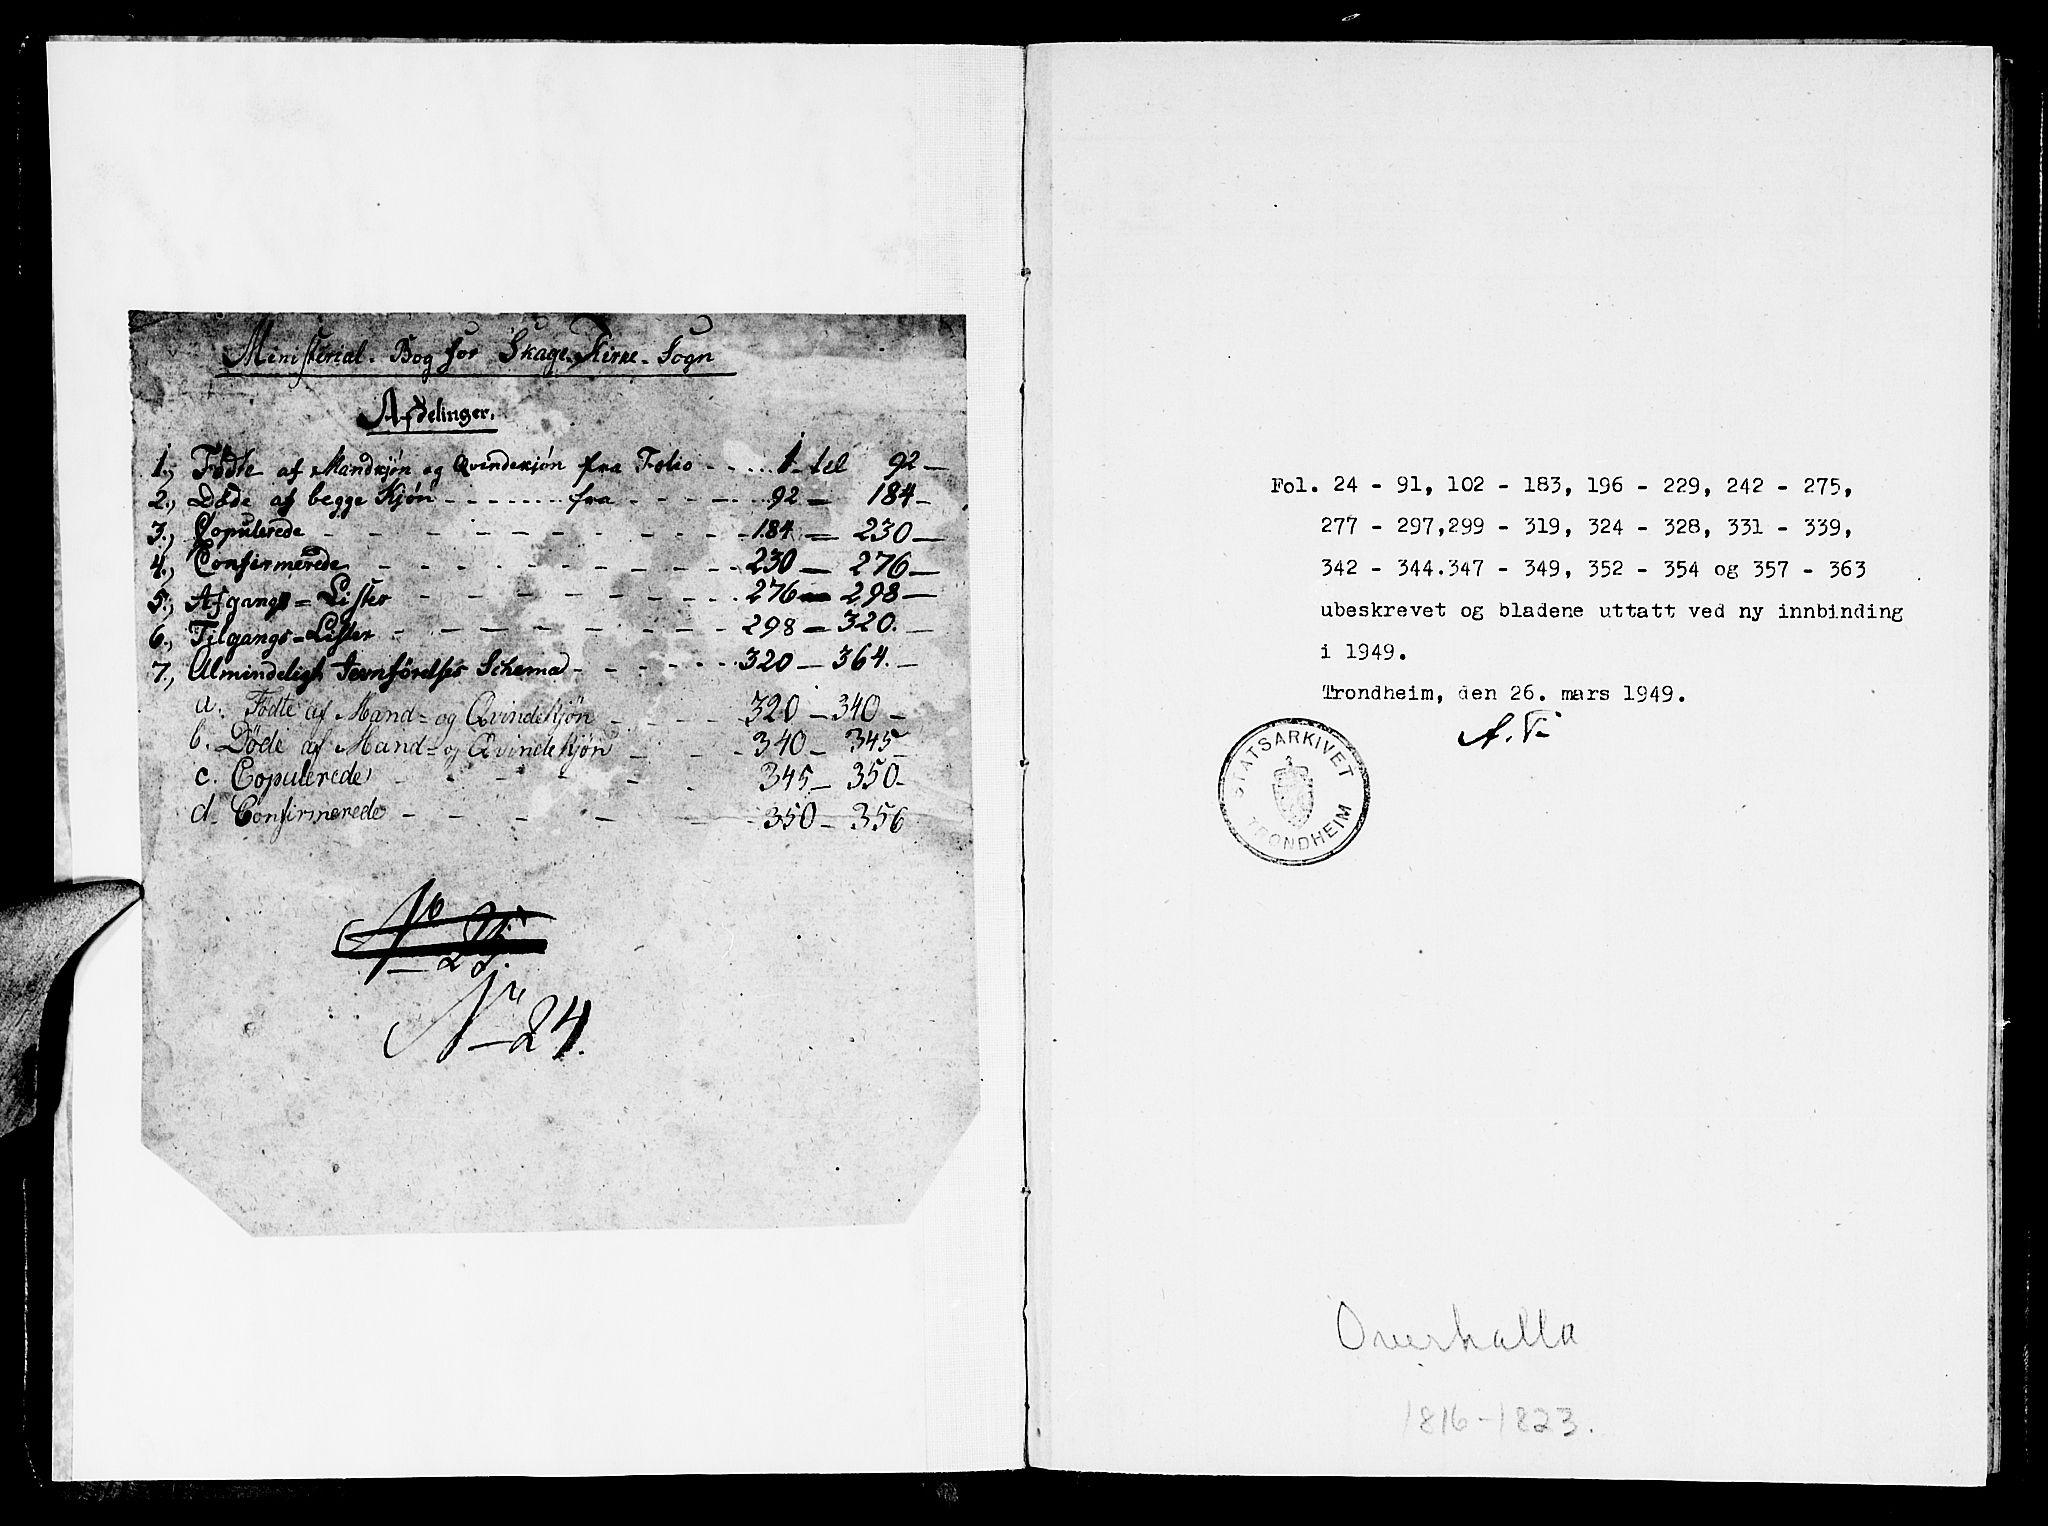 SAT, Ministerialprotokoller, klokkerbøker og fødselsregistre - Nord-Trøndelag, 766/L0565: Klokkerbok nr. 767C01, 1817-1823